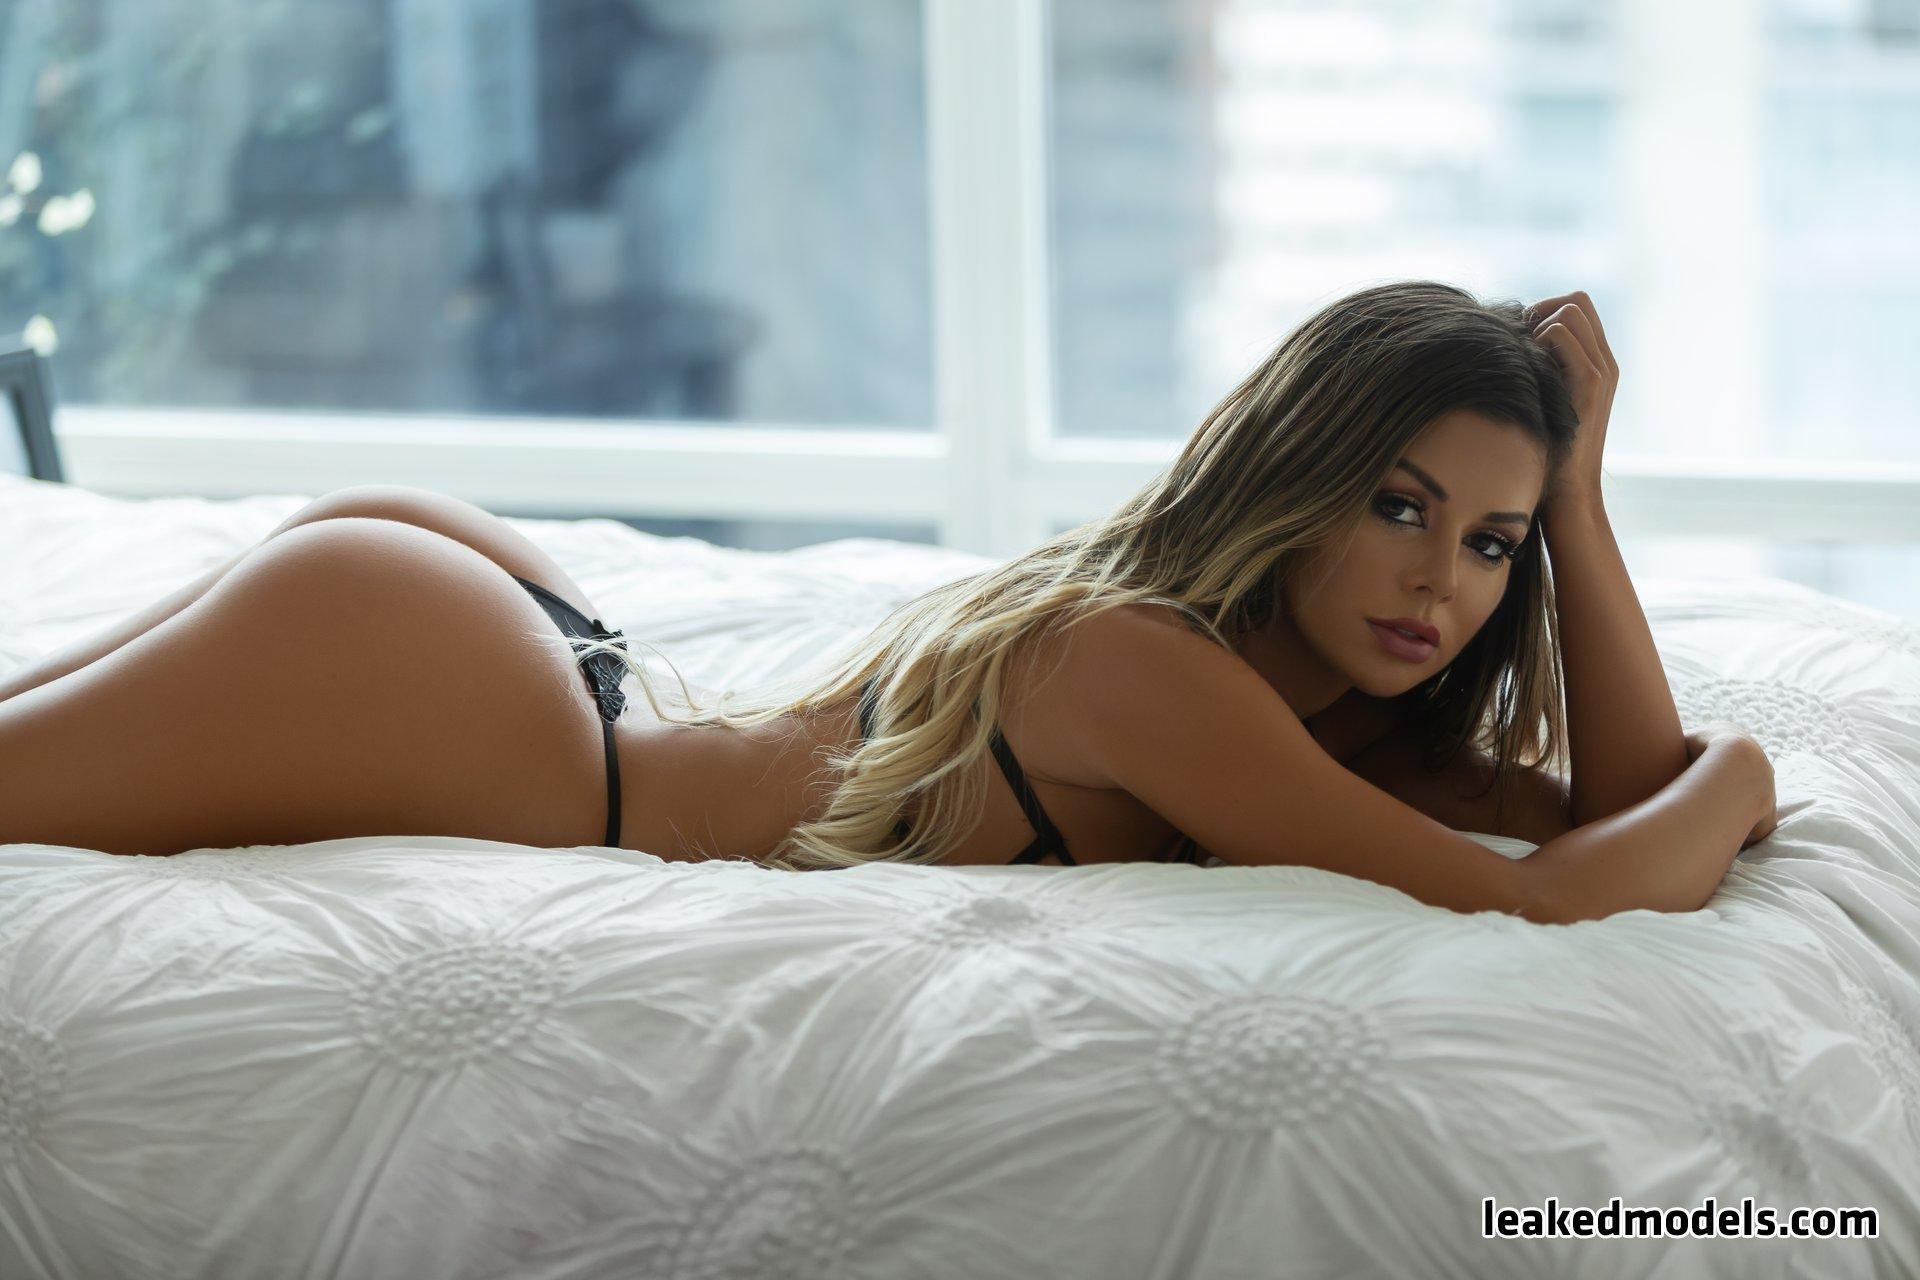 Juli Annee – juliannee OnlyFans Nude Leaks (39 Photos)